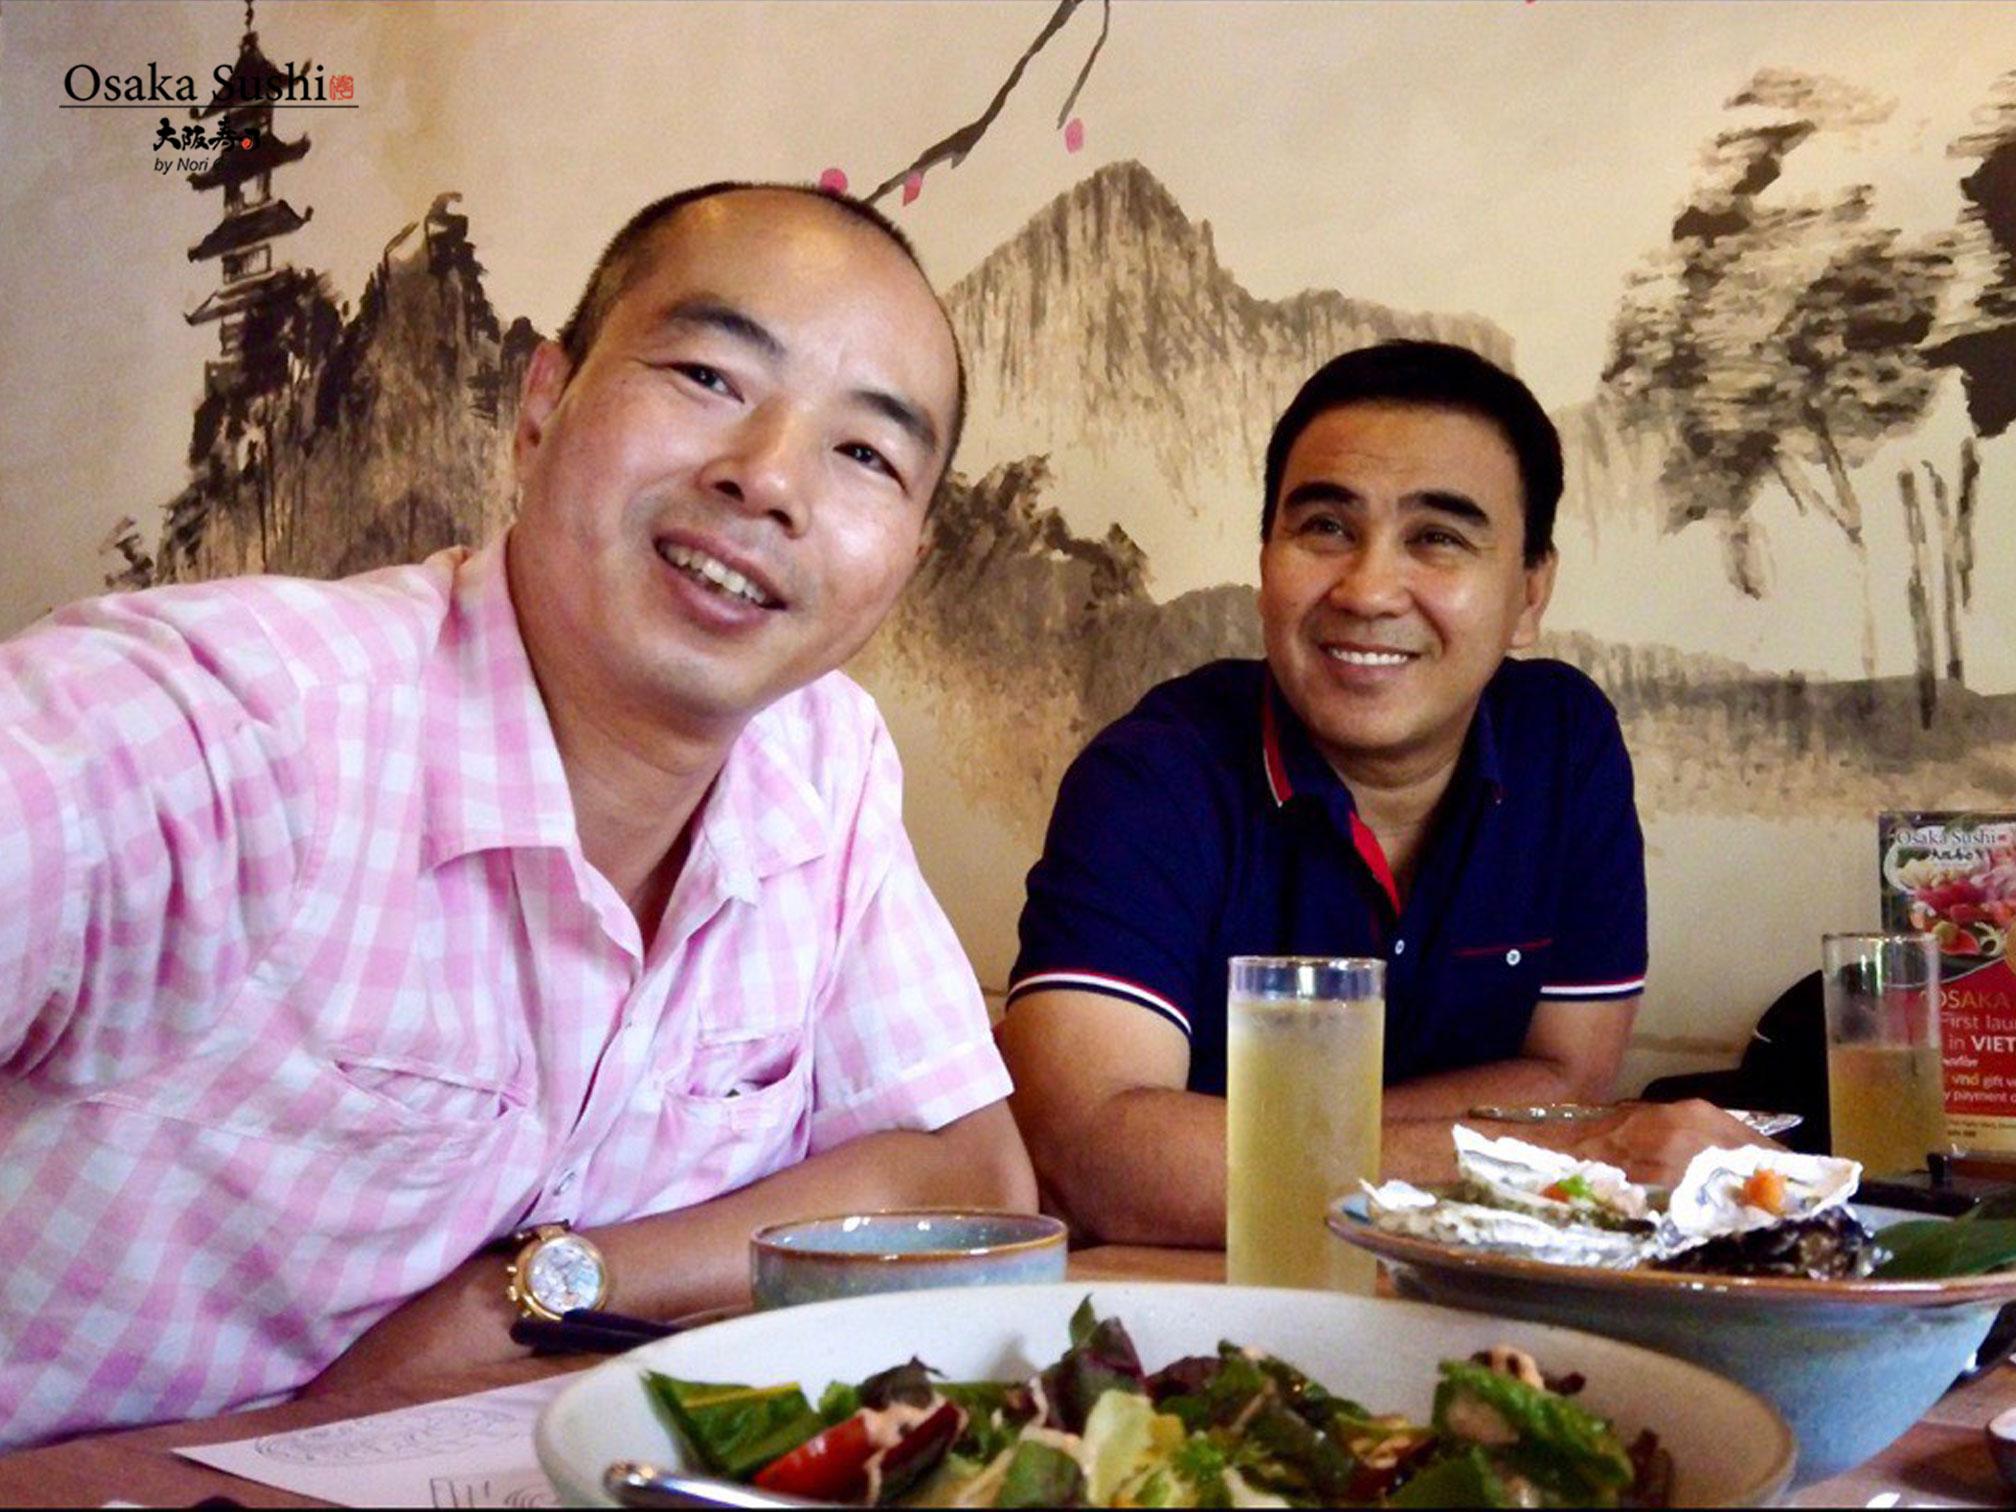 Diễn viên Quyền Linh & Bạn ăn trưa nhà hàng Osaka Sushi